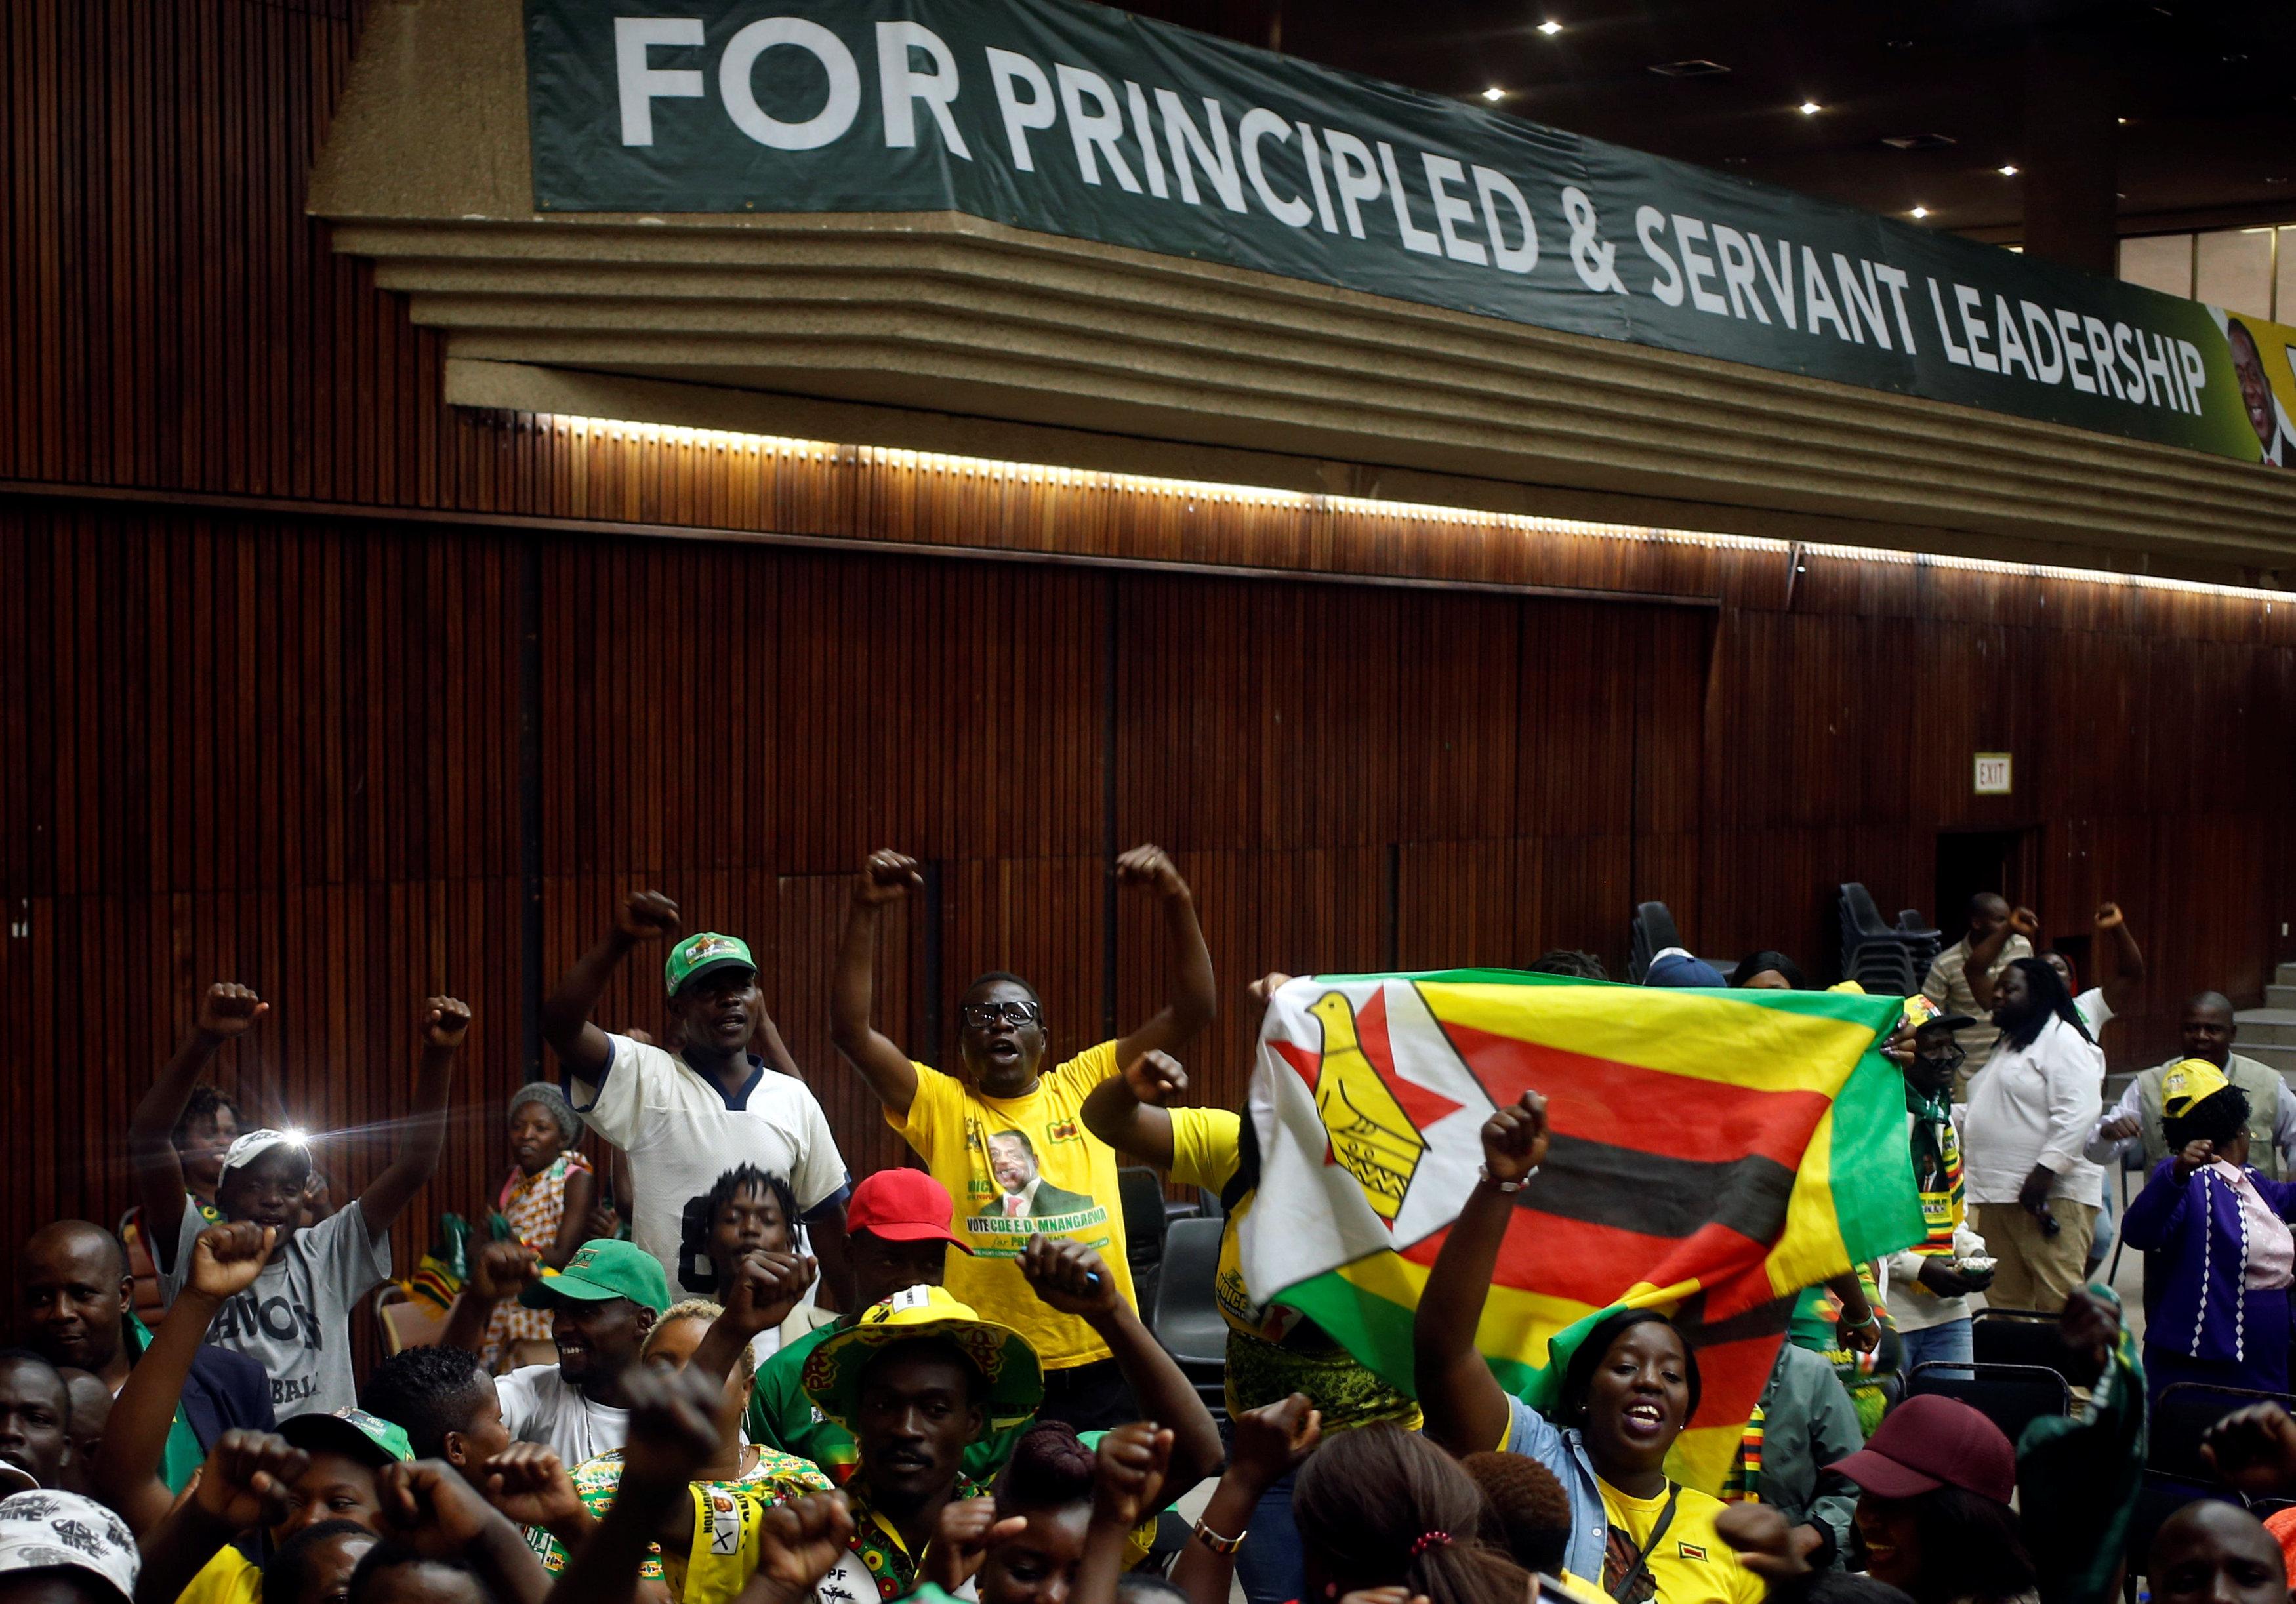 أنصار الرئيس الزيمبابوى